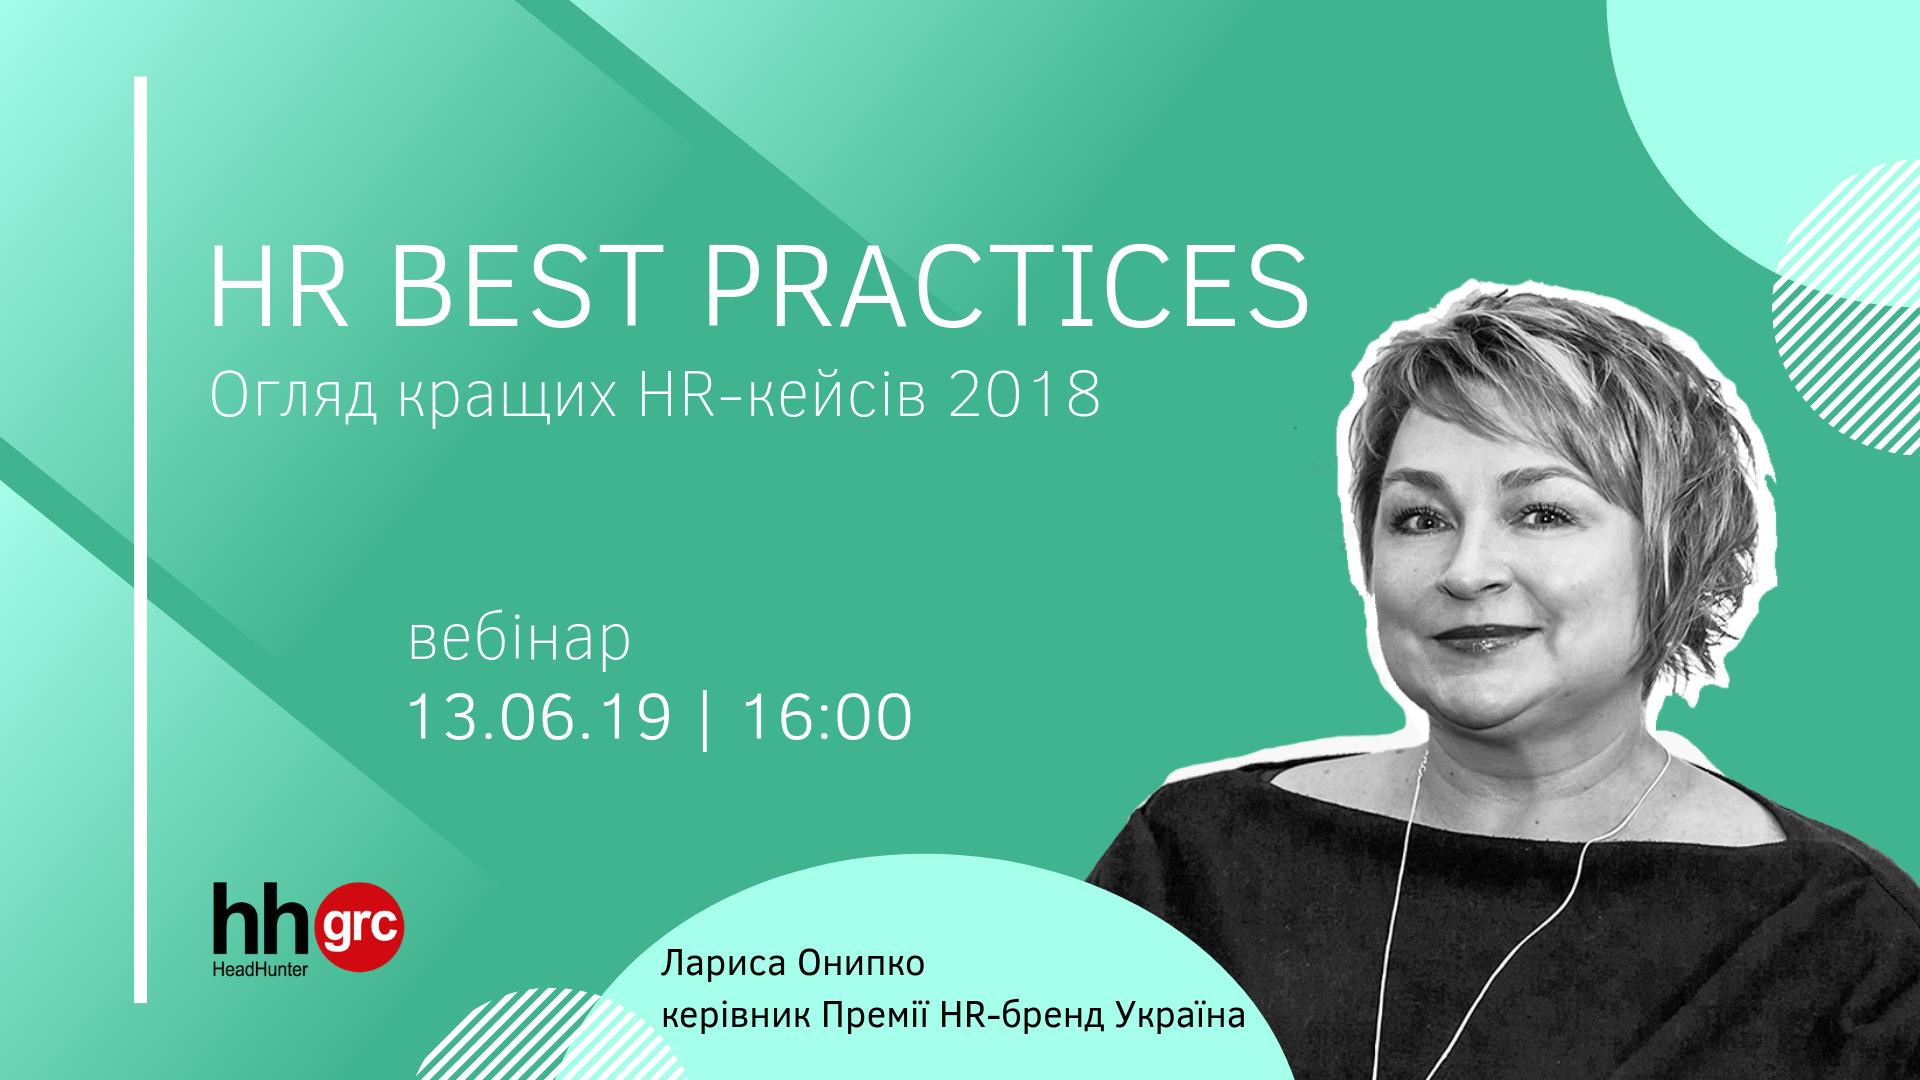 Вебінар «HR best practices: огляд кращих HR-кейсів 2018» – 13/06/19